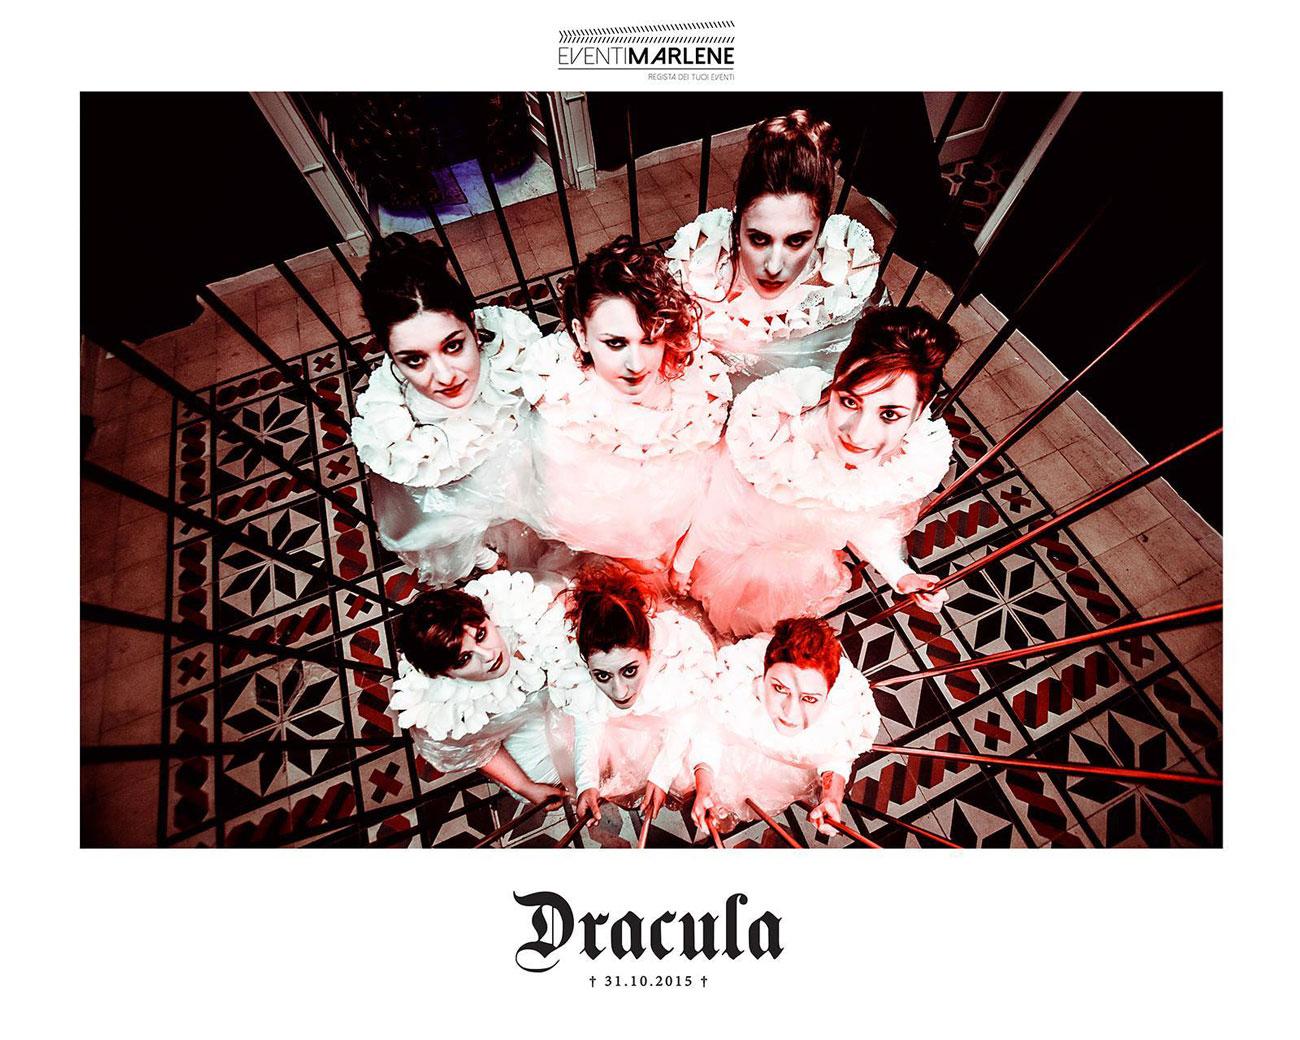 dracula-halloween-staff